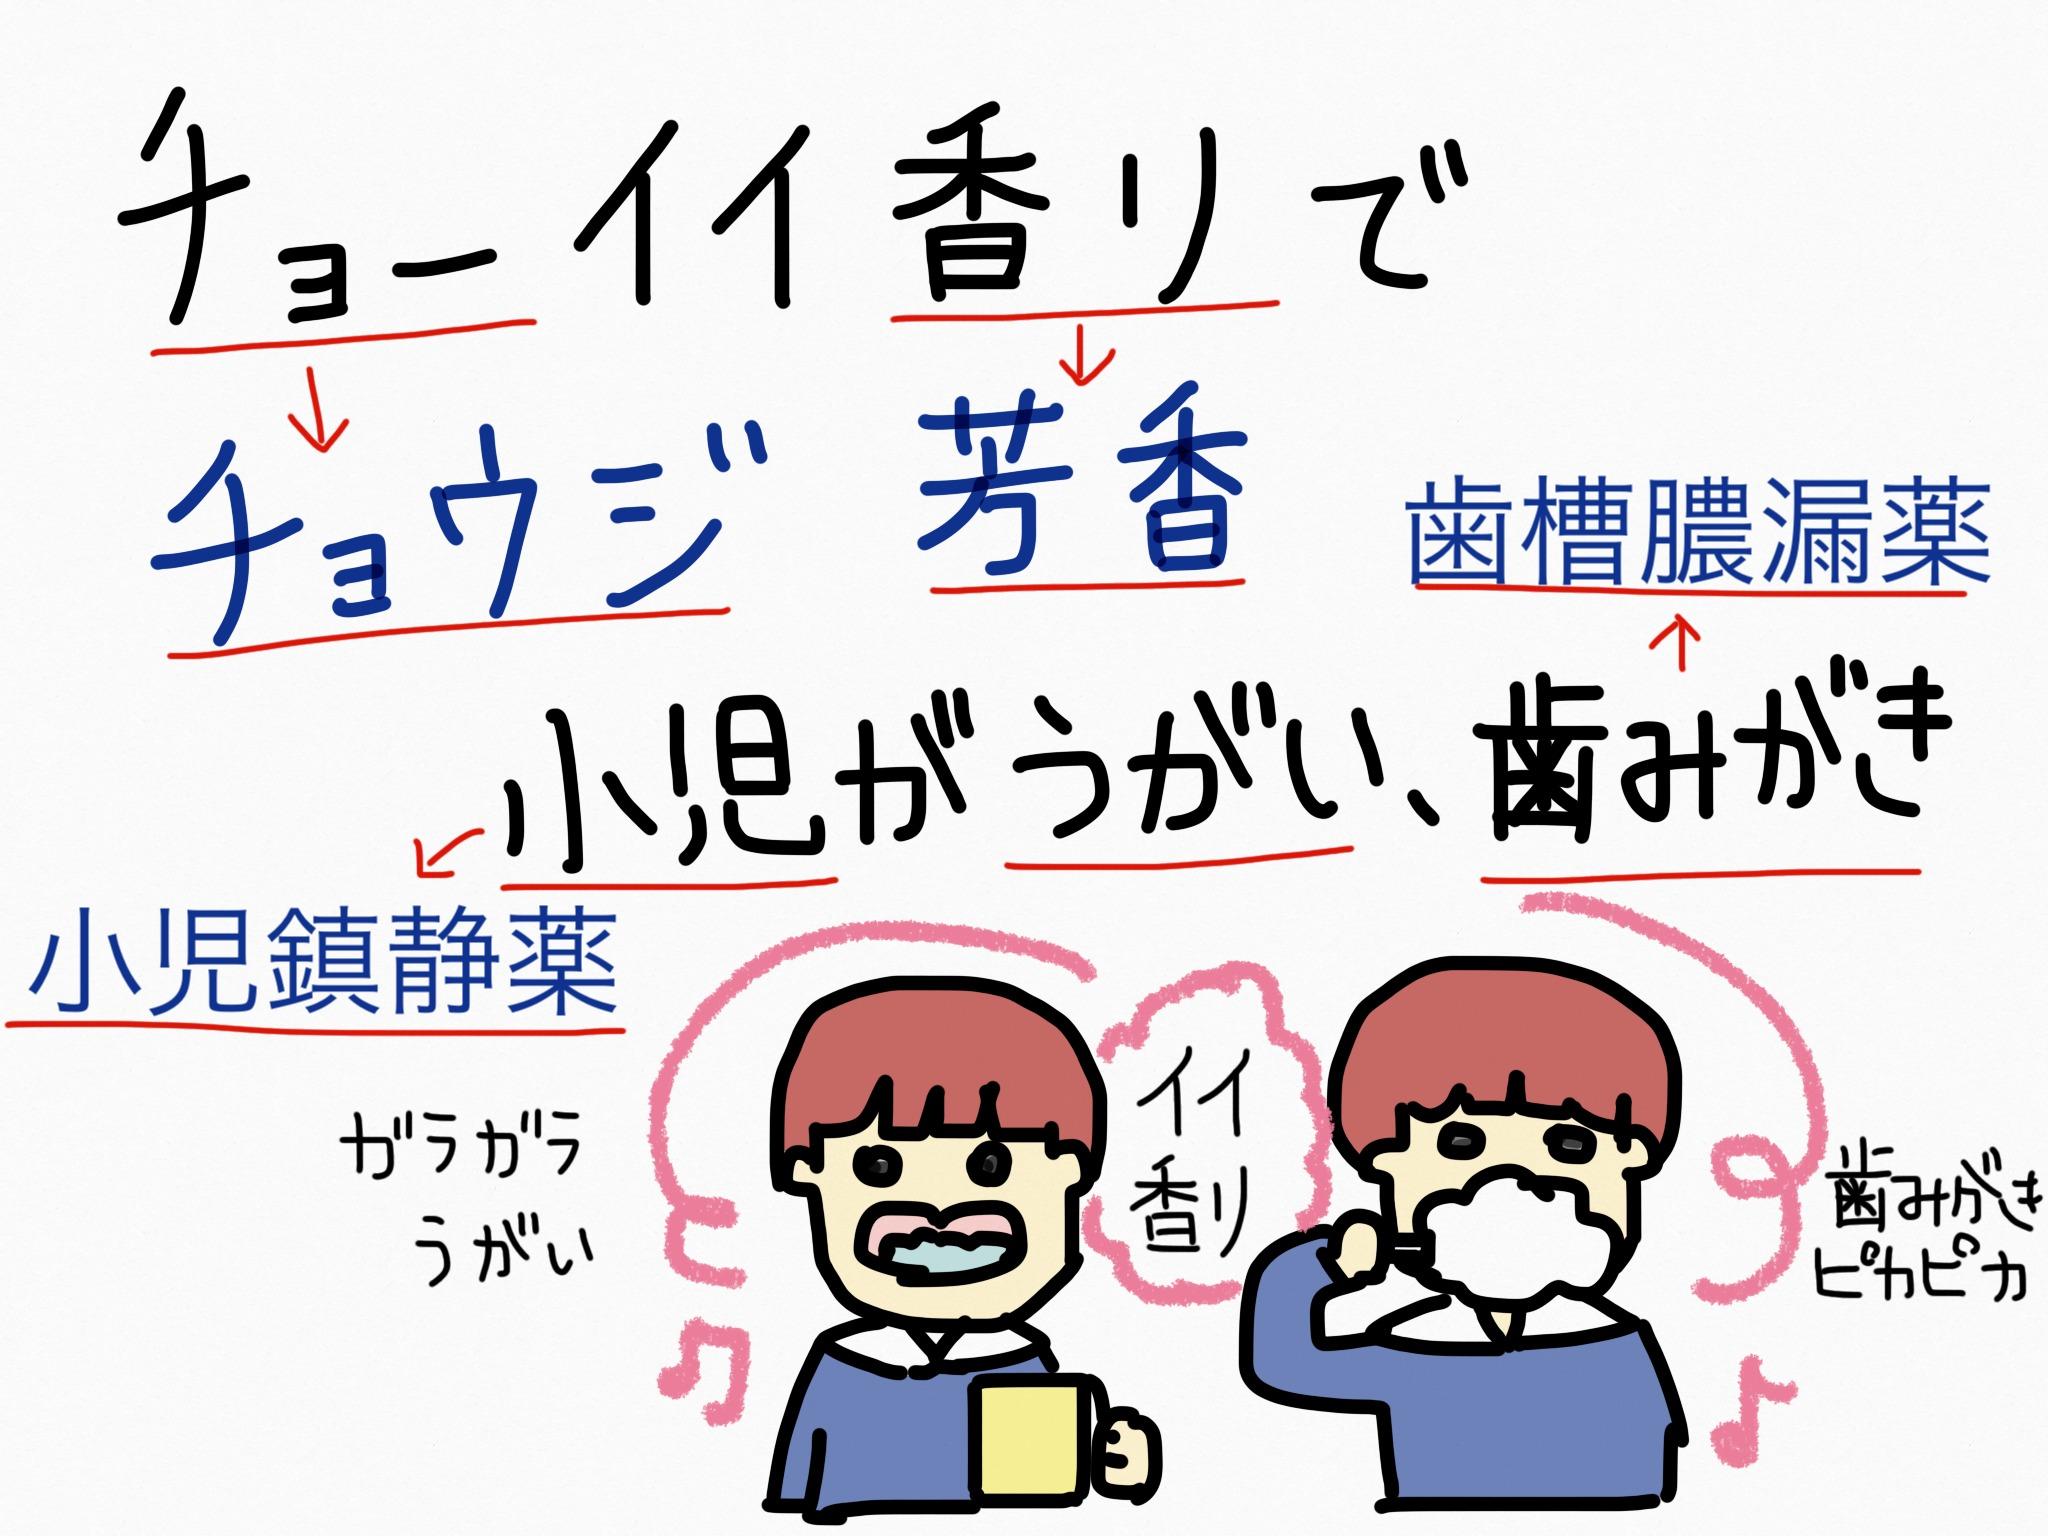 チョウジ[胃腸薬他]生薬の覚え方・暗記方法・語呂合わせ